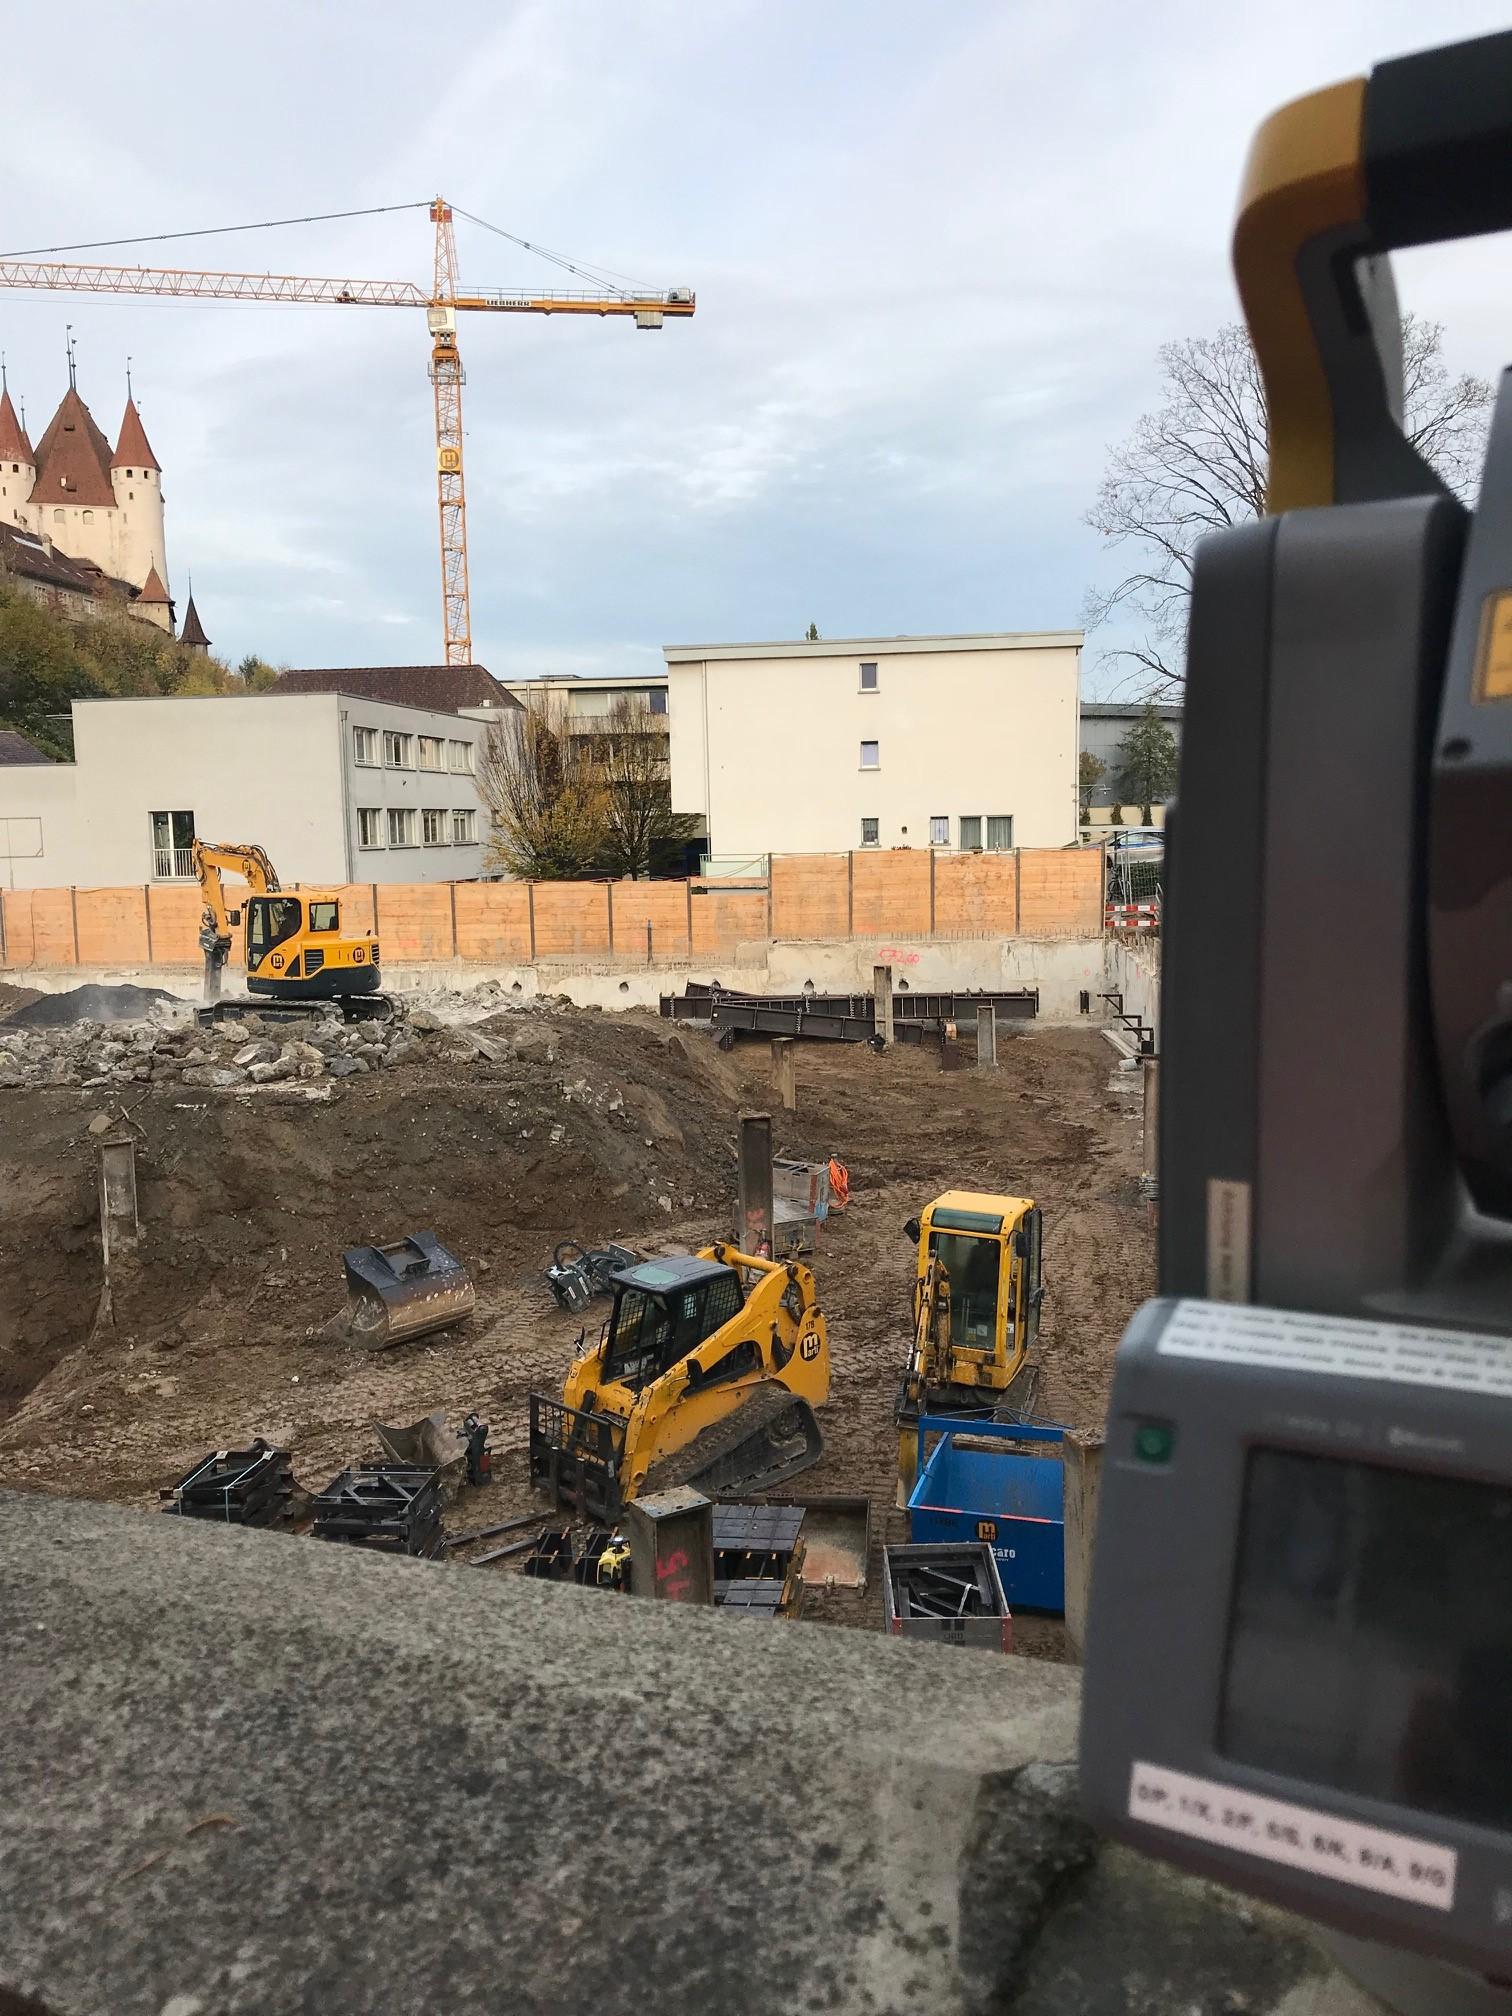 Blick in die Baugrube